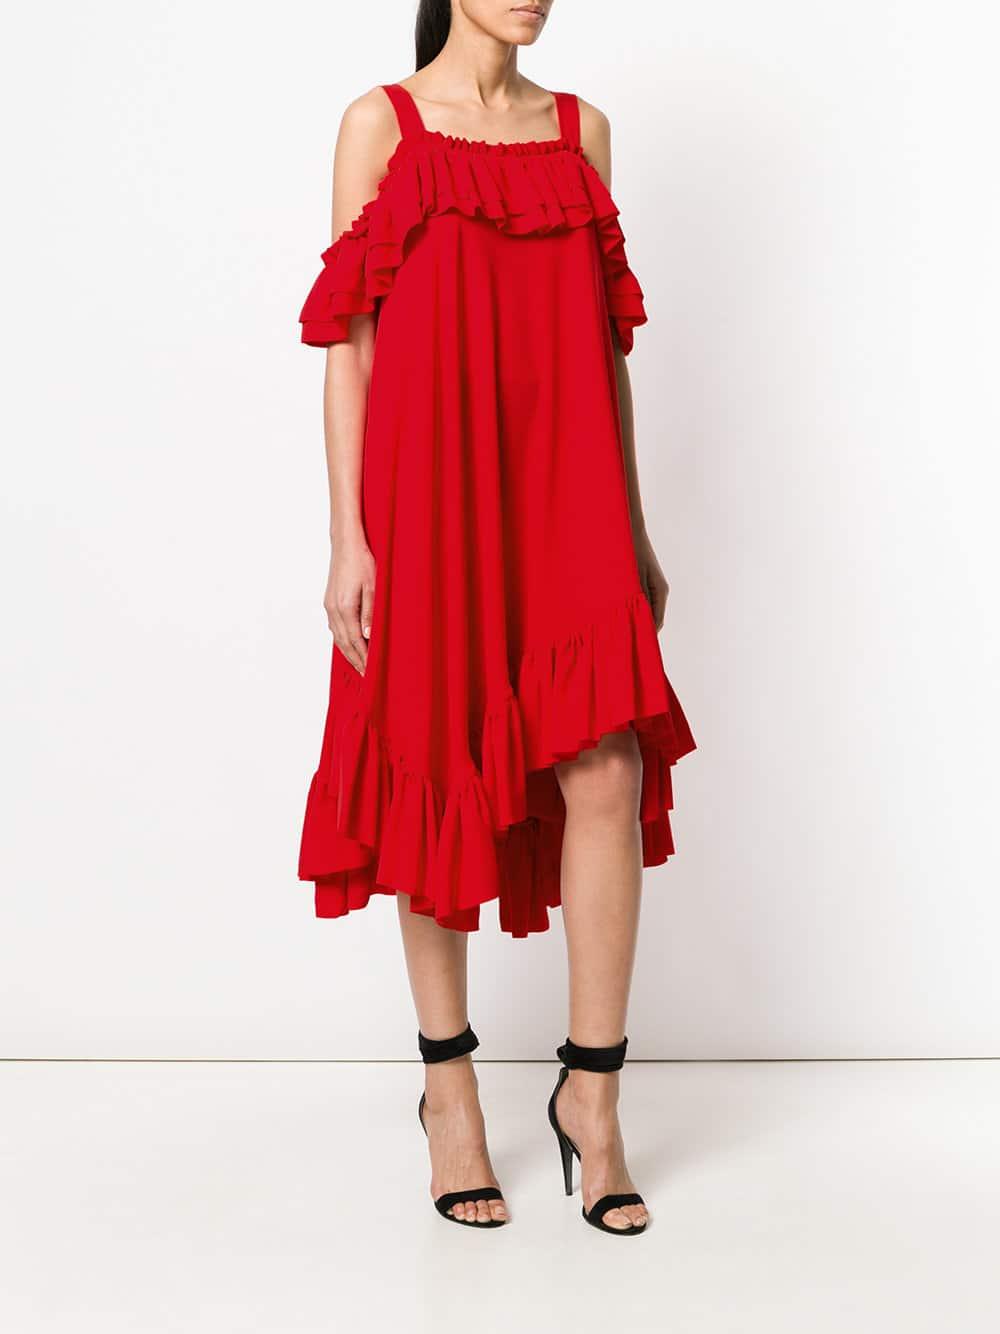 ALEXANDER MCQUEEN Off-shoulder Asymmetric Ruffle Red Dress